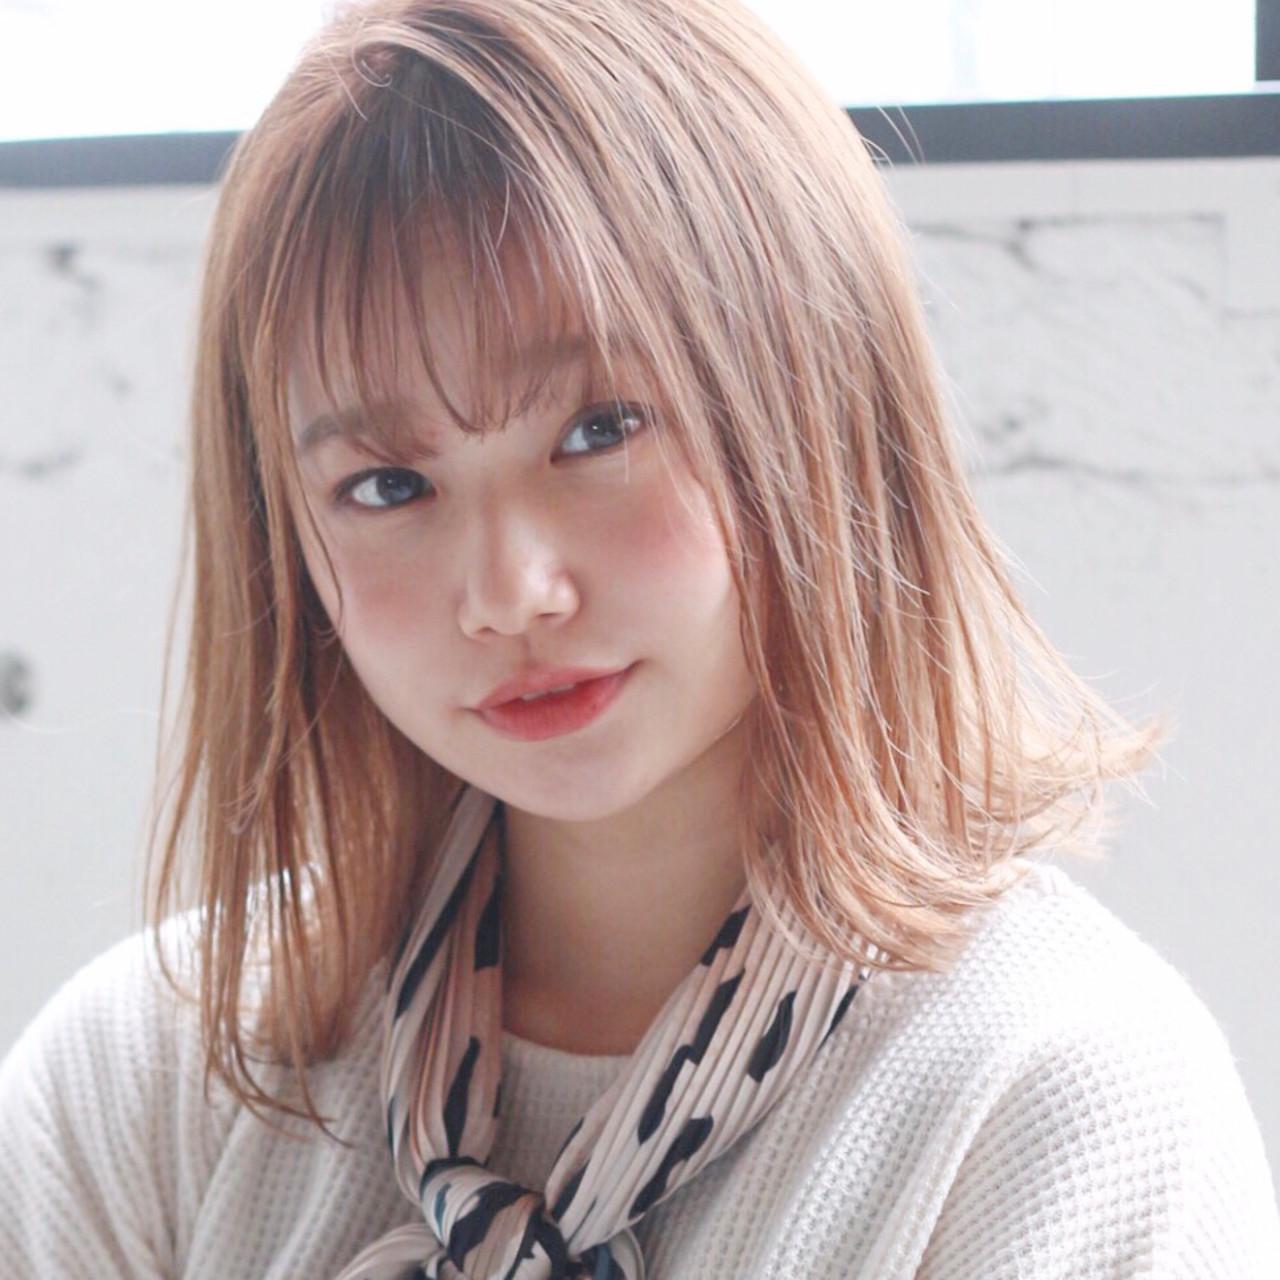 アンニュイほつれヘア ミディアムレイヤー ミディアム モテ髪 ヘアスタイルや髪型の写真・画像